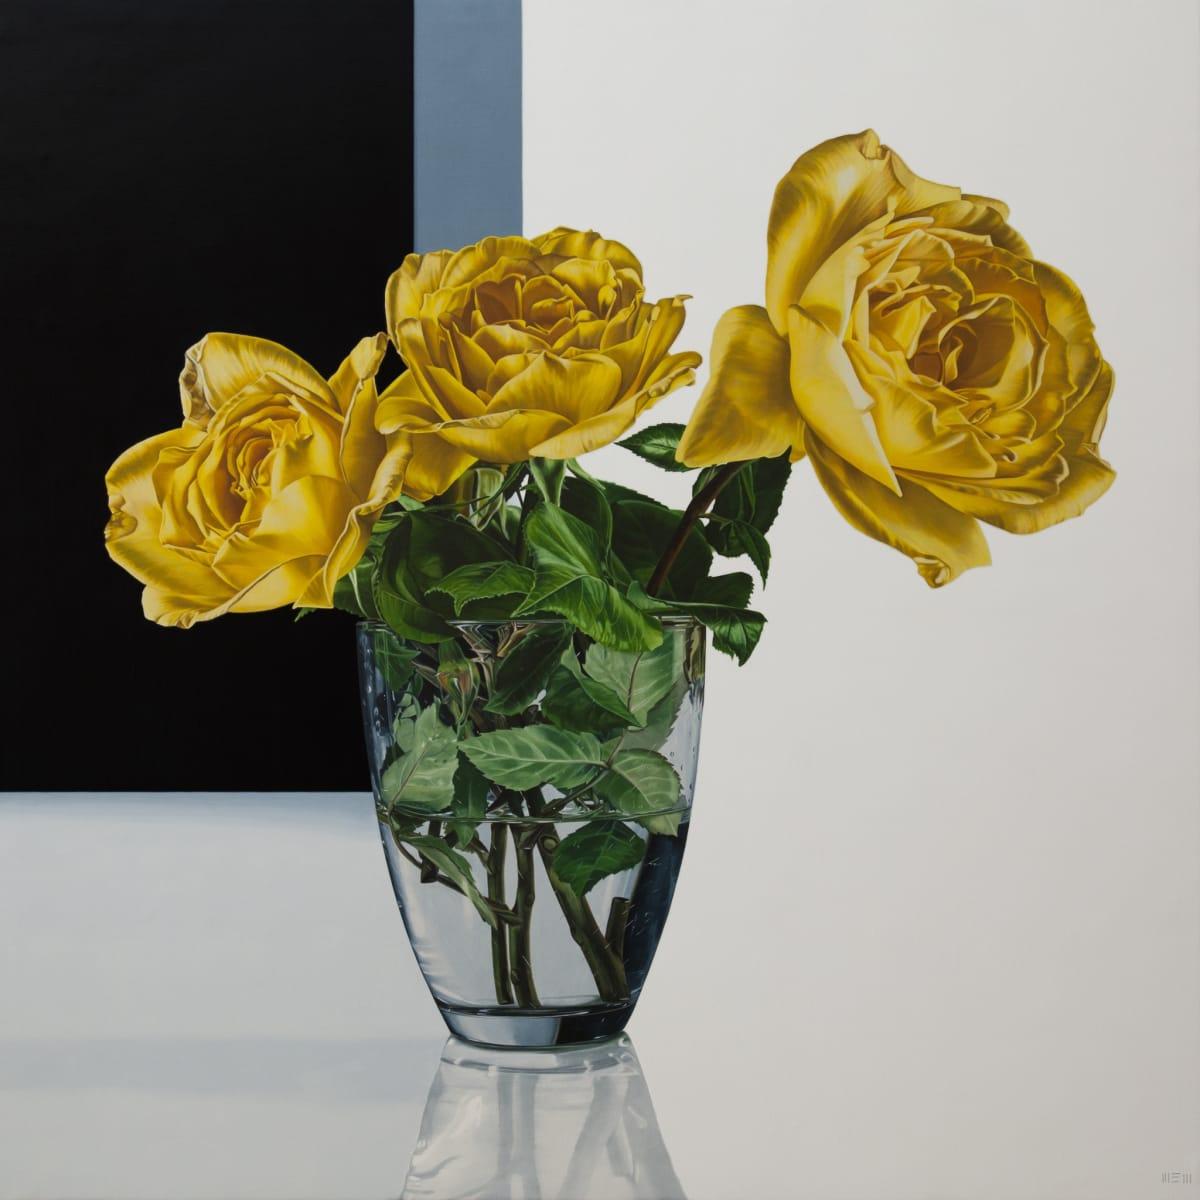 Elena Molinari Friends Oil on canvas 120 x 120 cm